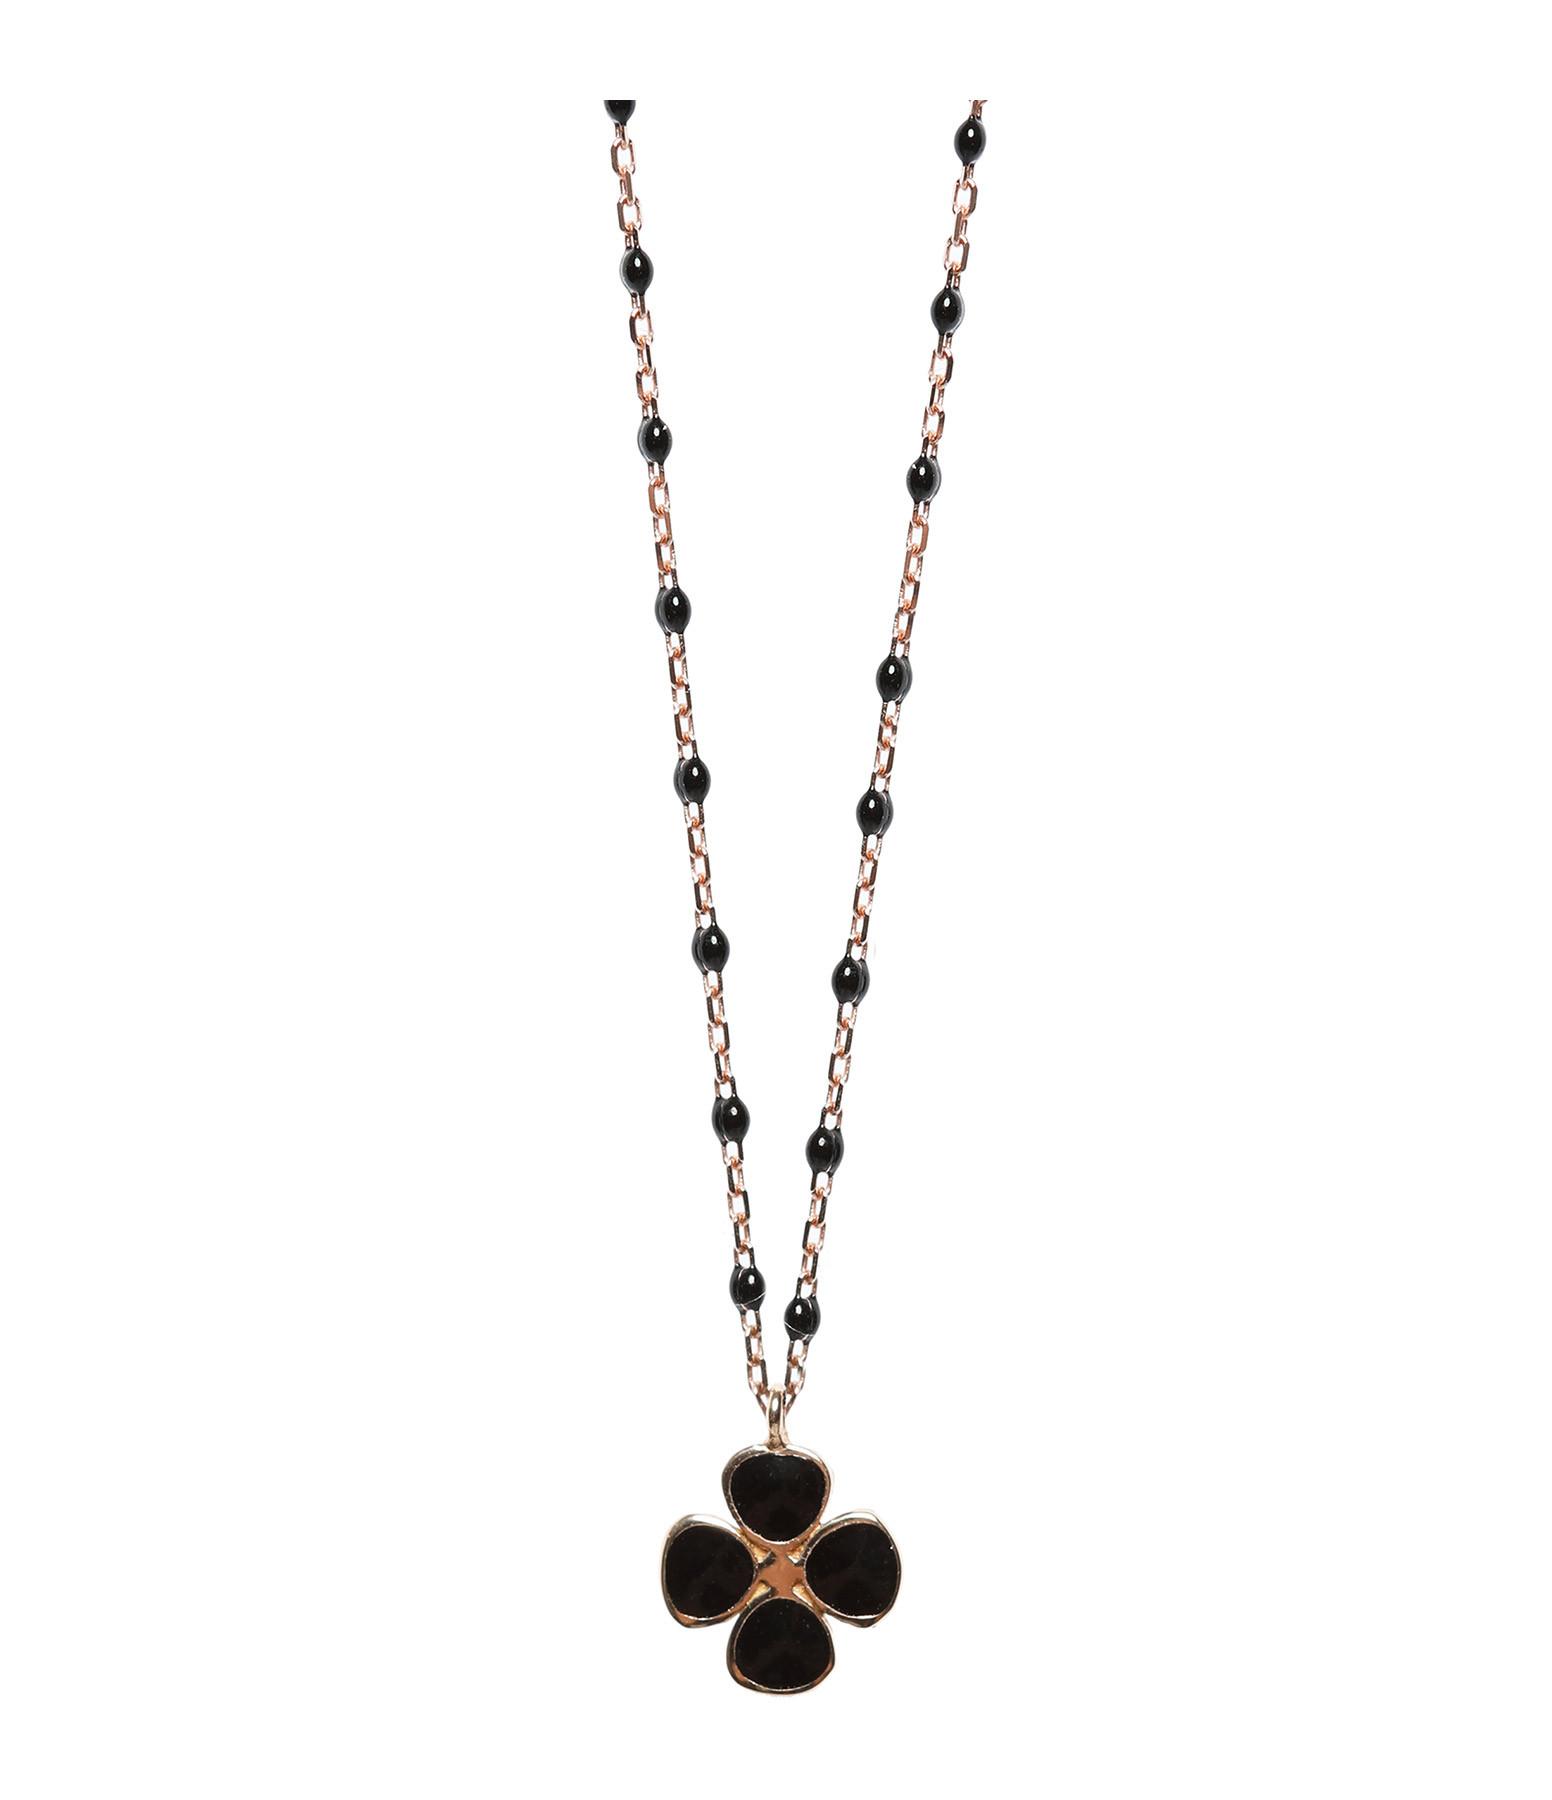 GIGI CLOZEAU - Collier Trèfle Noir Résine Noir, Exclusivité Lulli